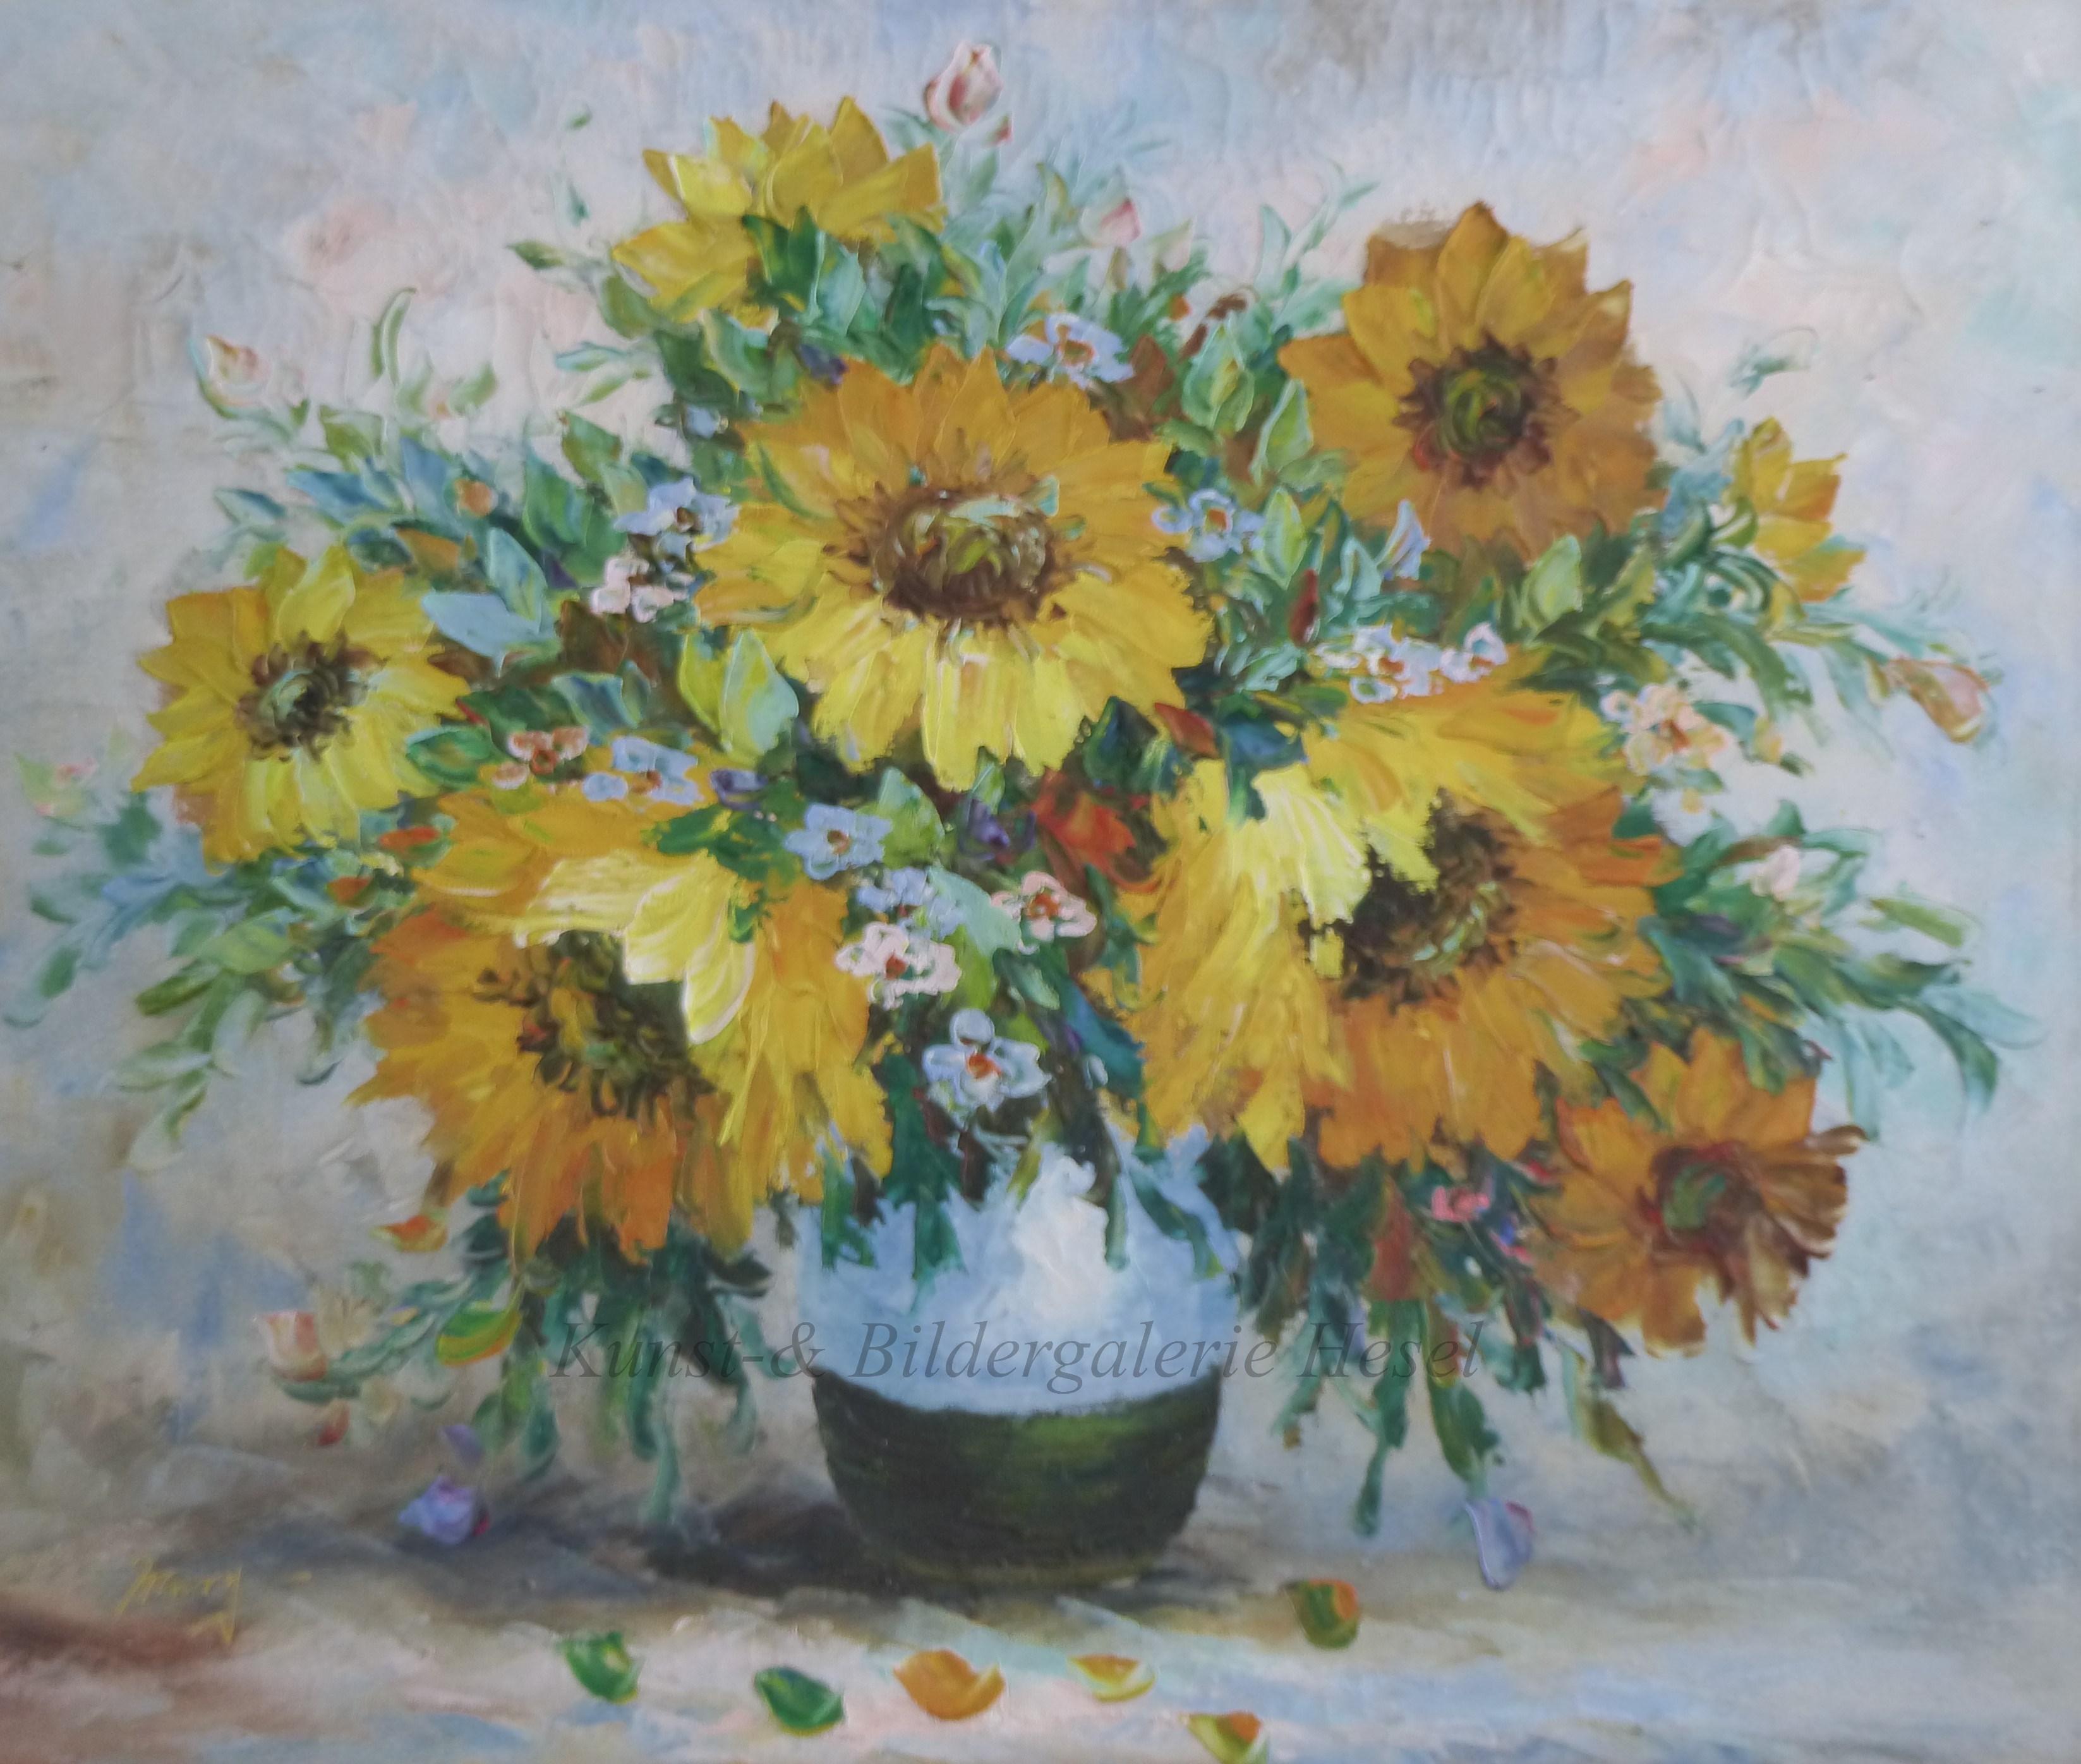 Blumenmotive in der Kunst- und Bildergalerie Hesel